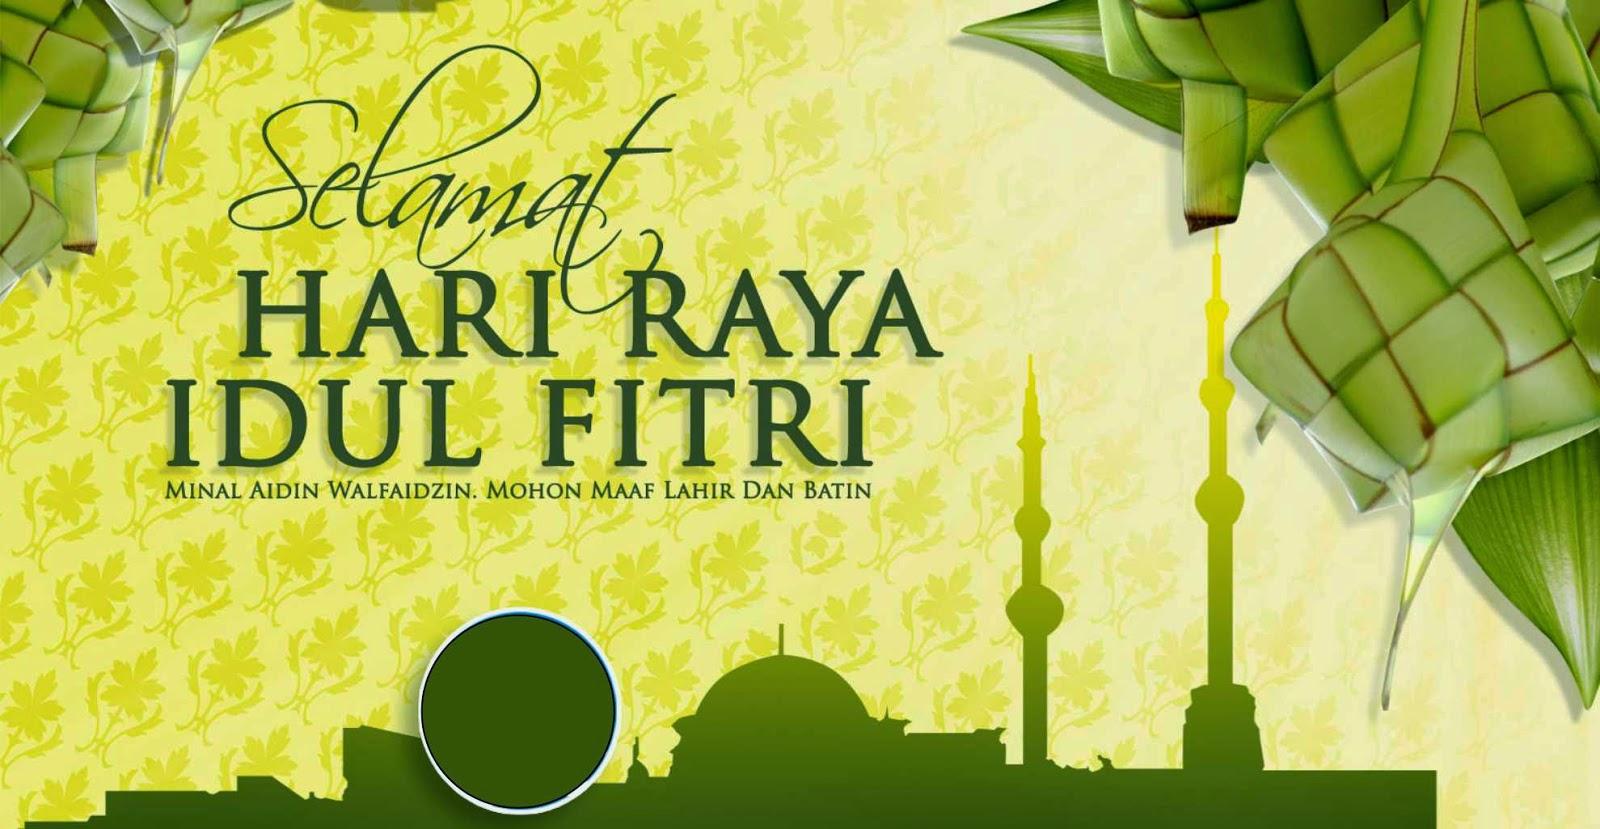 SMS Ucapan Selamat Lebaran Idul Fitri